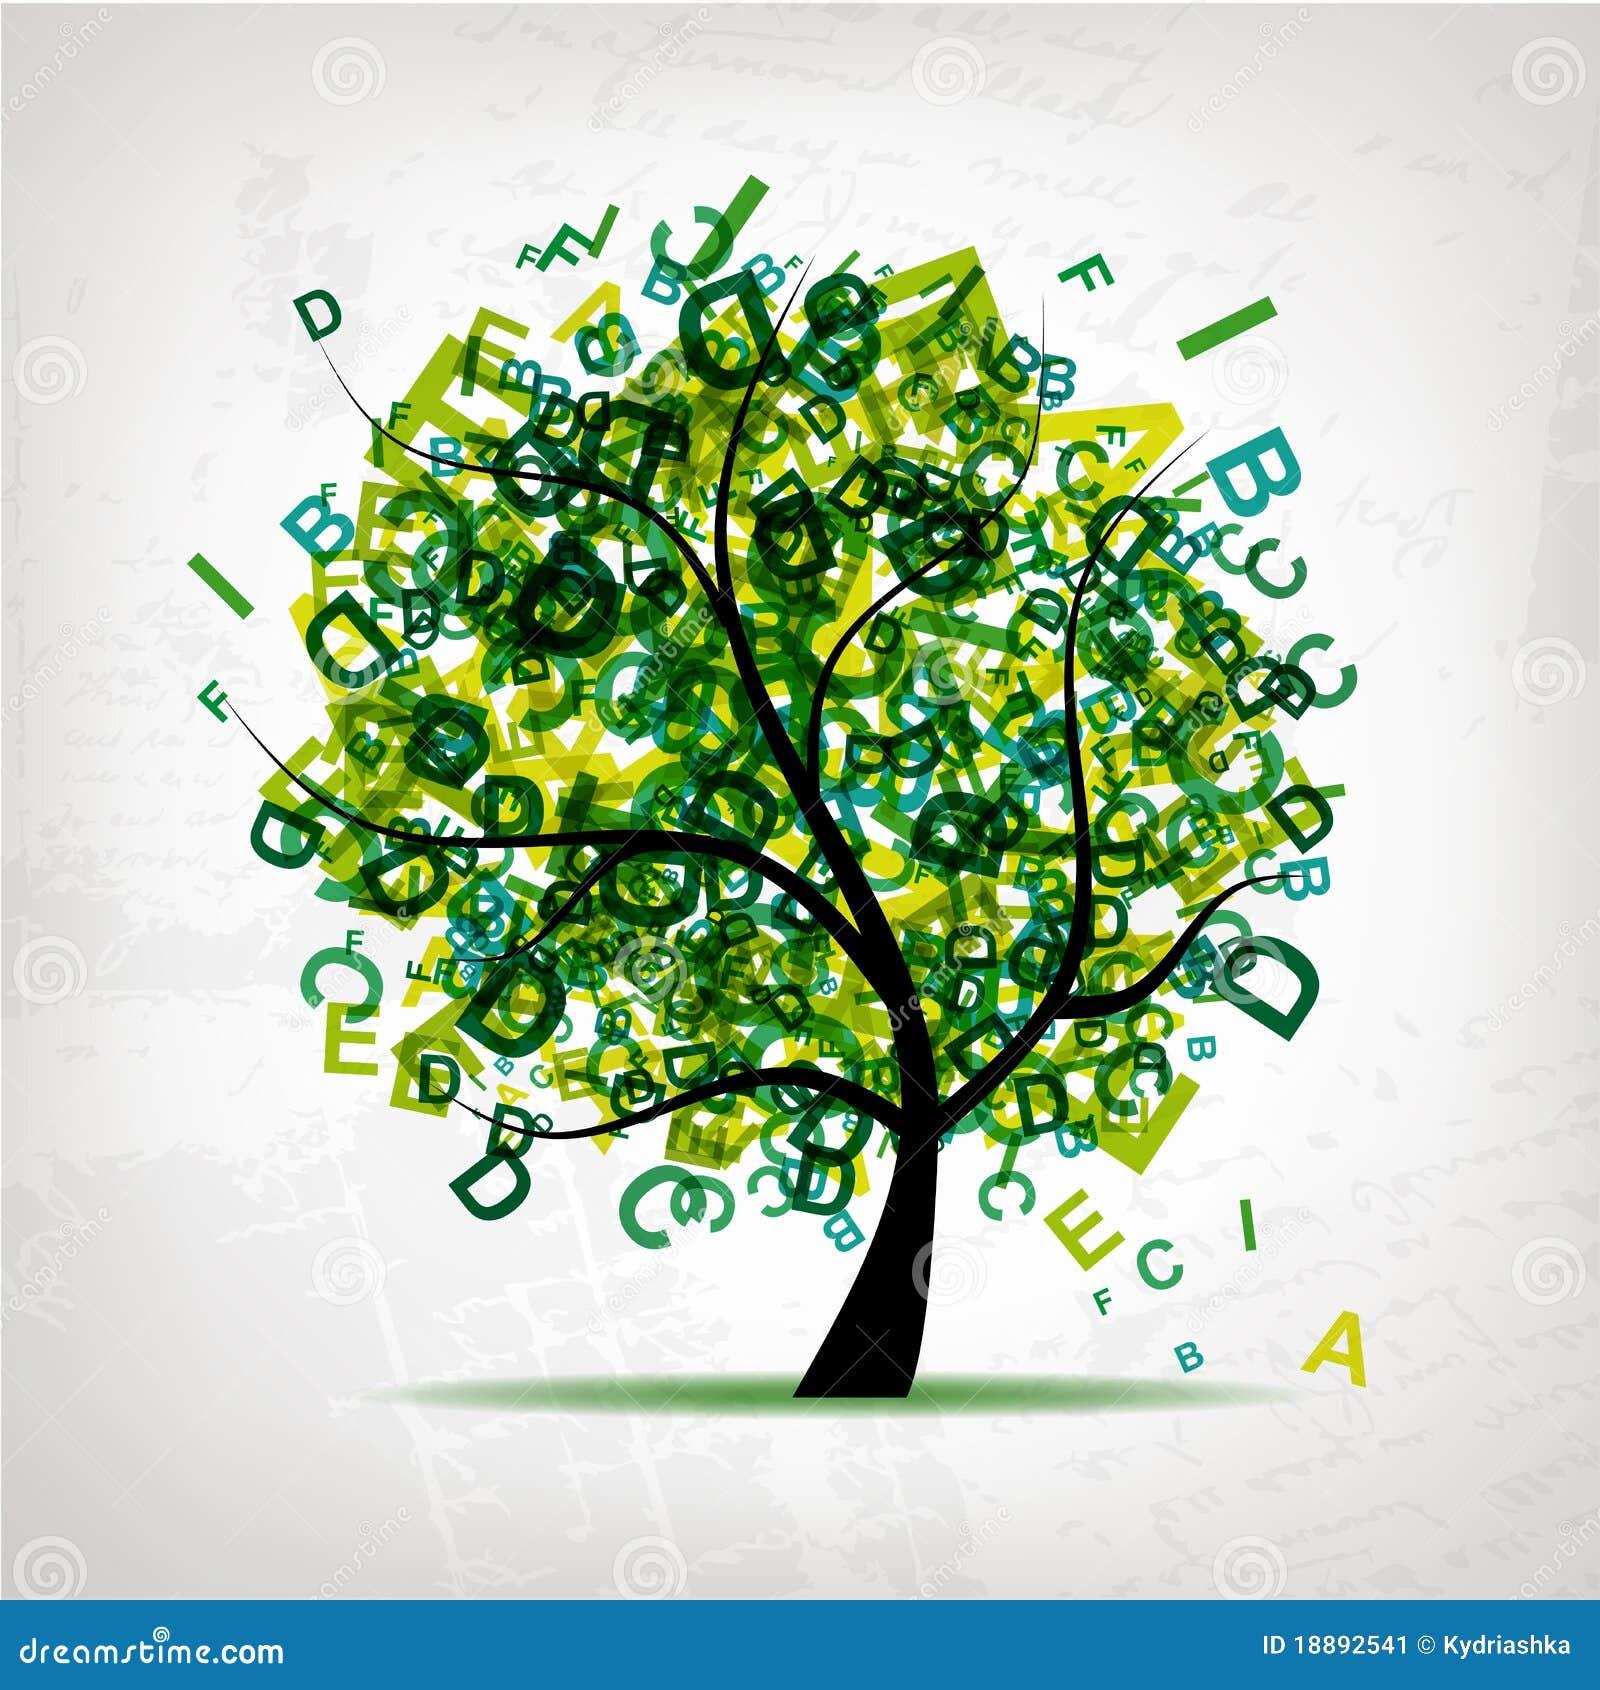 L 39 arbre d 39 art avec des lettres verdissent pour votre conception illustration de vecteur image - Arbre africain en 7 lettres ...